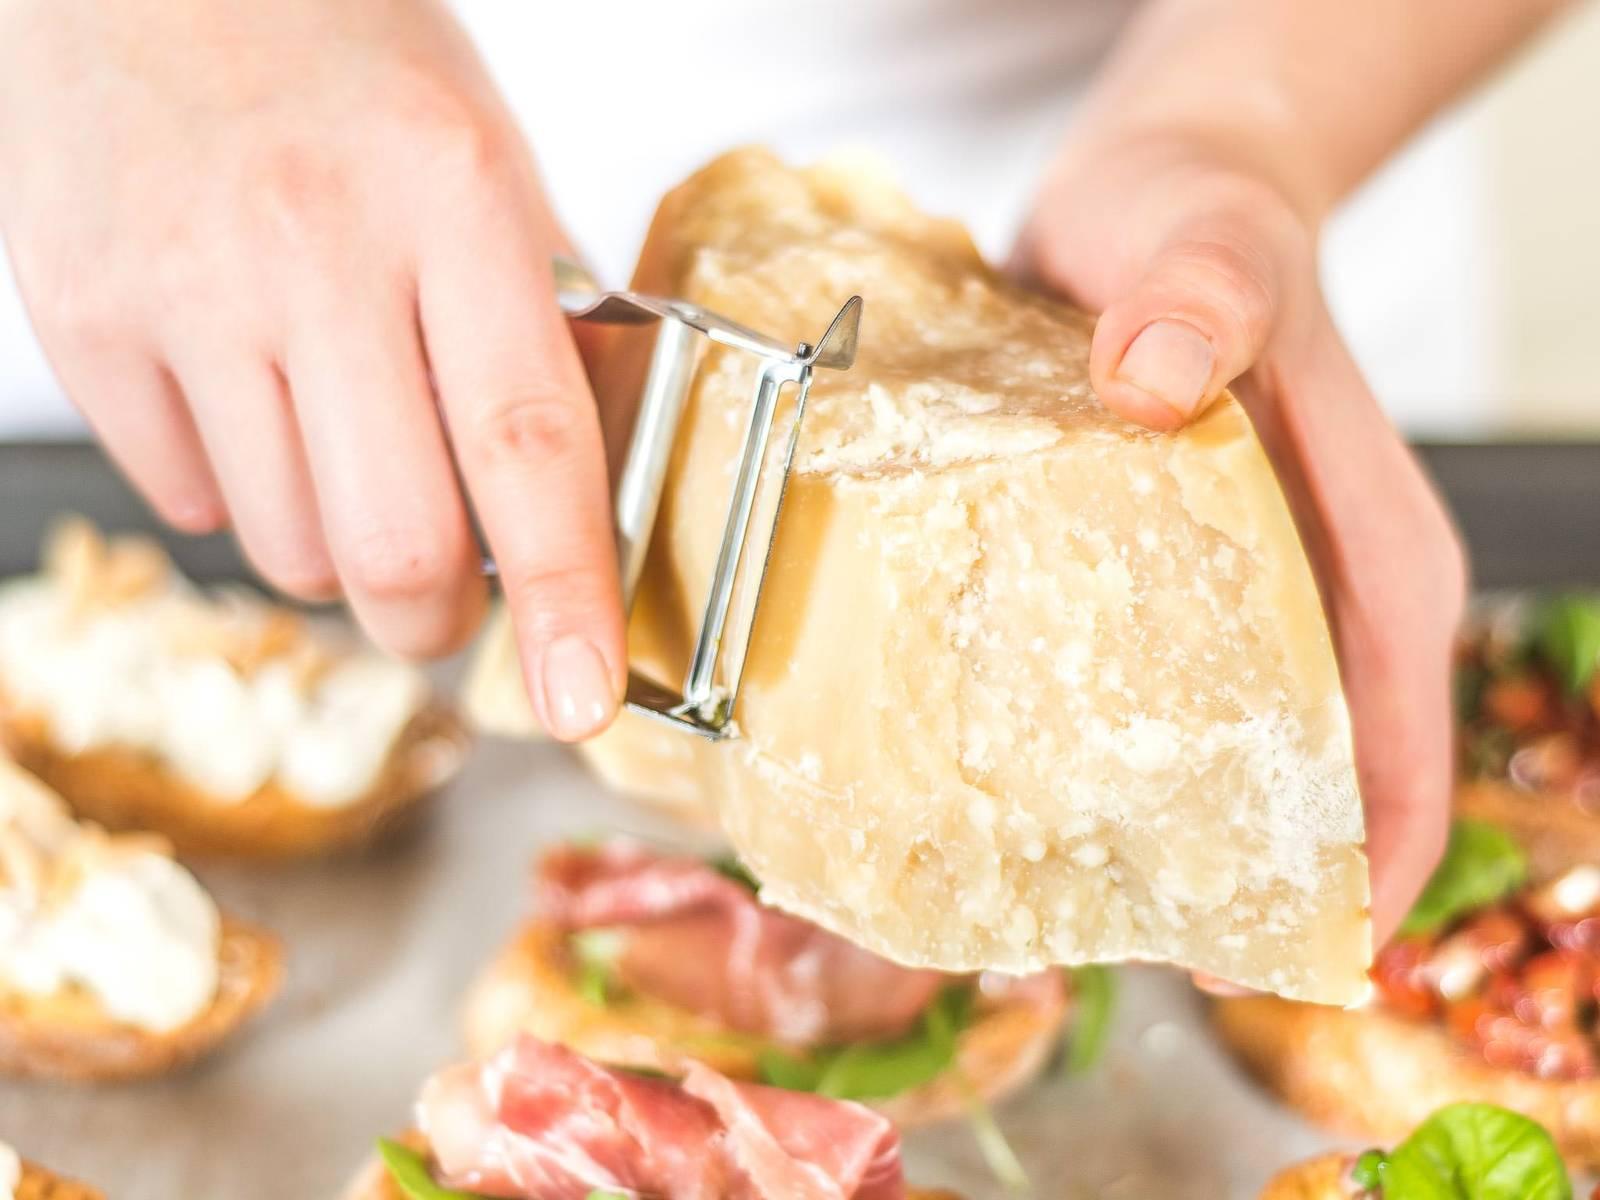 Für die Parmaschinken-Crostini zunächst Rucola, dann Parmaschinken auf die restlichen Brotscheiben legen. Feine Hobel vom Parmesan schälen und obenauf geben. Zum Servieren eine Variation der Crostini zusammenstellen.